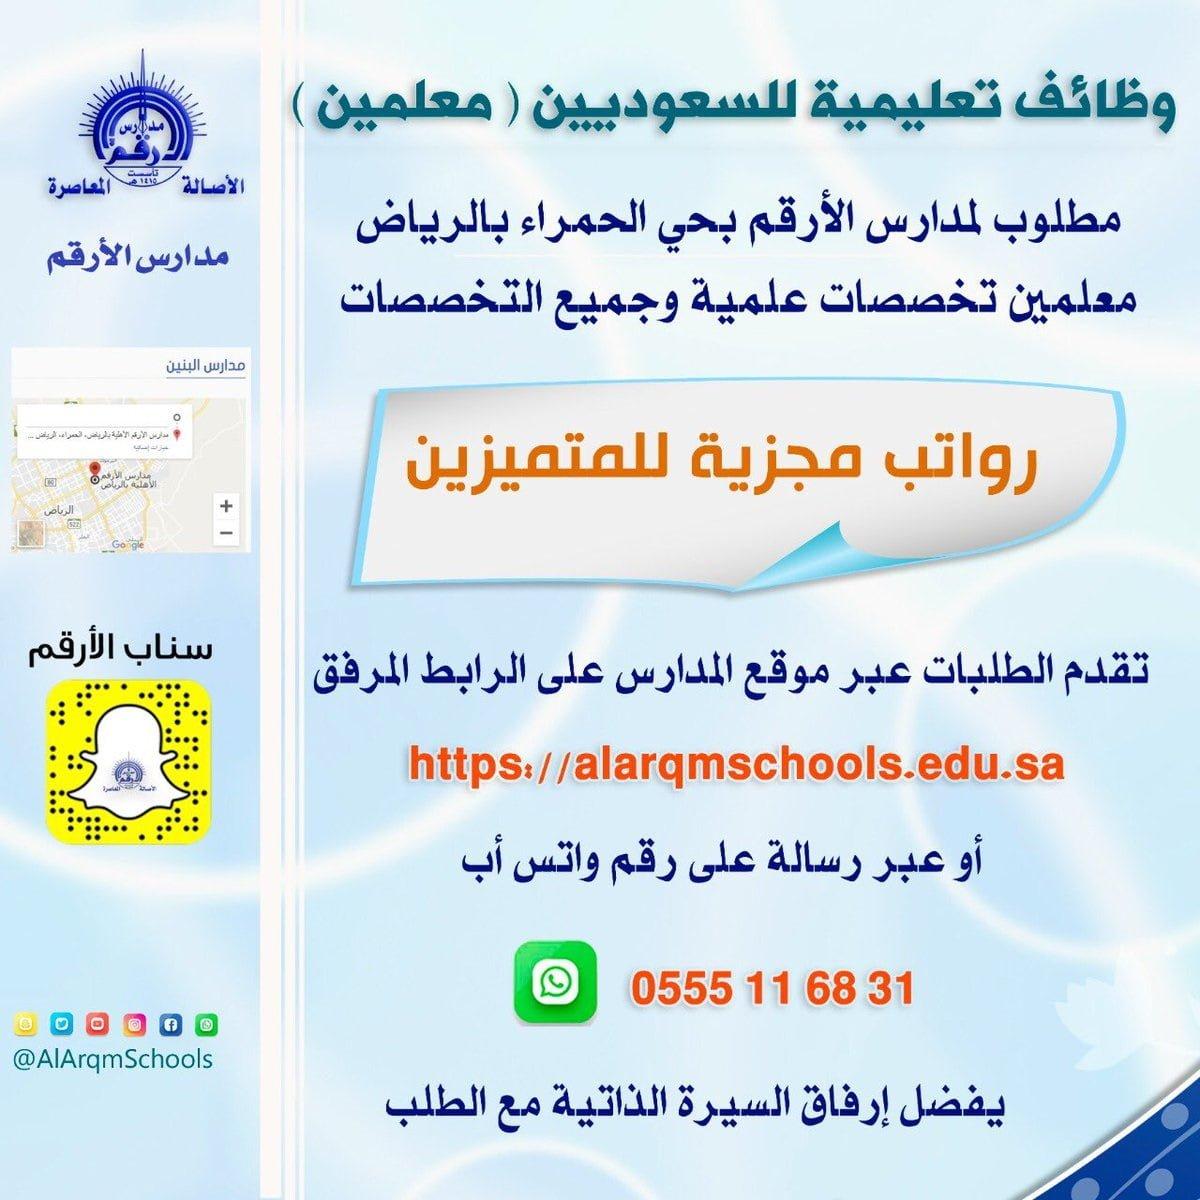 وظائف تعليمية للعام الدراسي 1443هـ لدى مدارس الأرقم الأهلية بمدينة الرياض 3